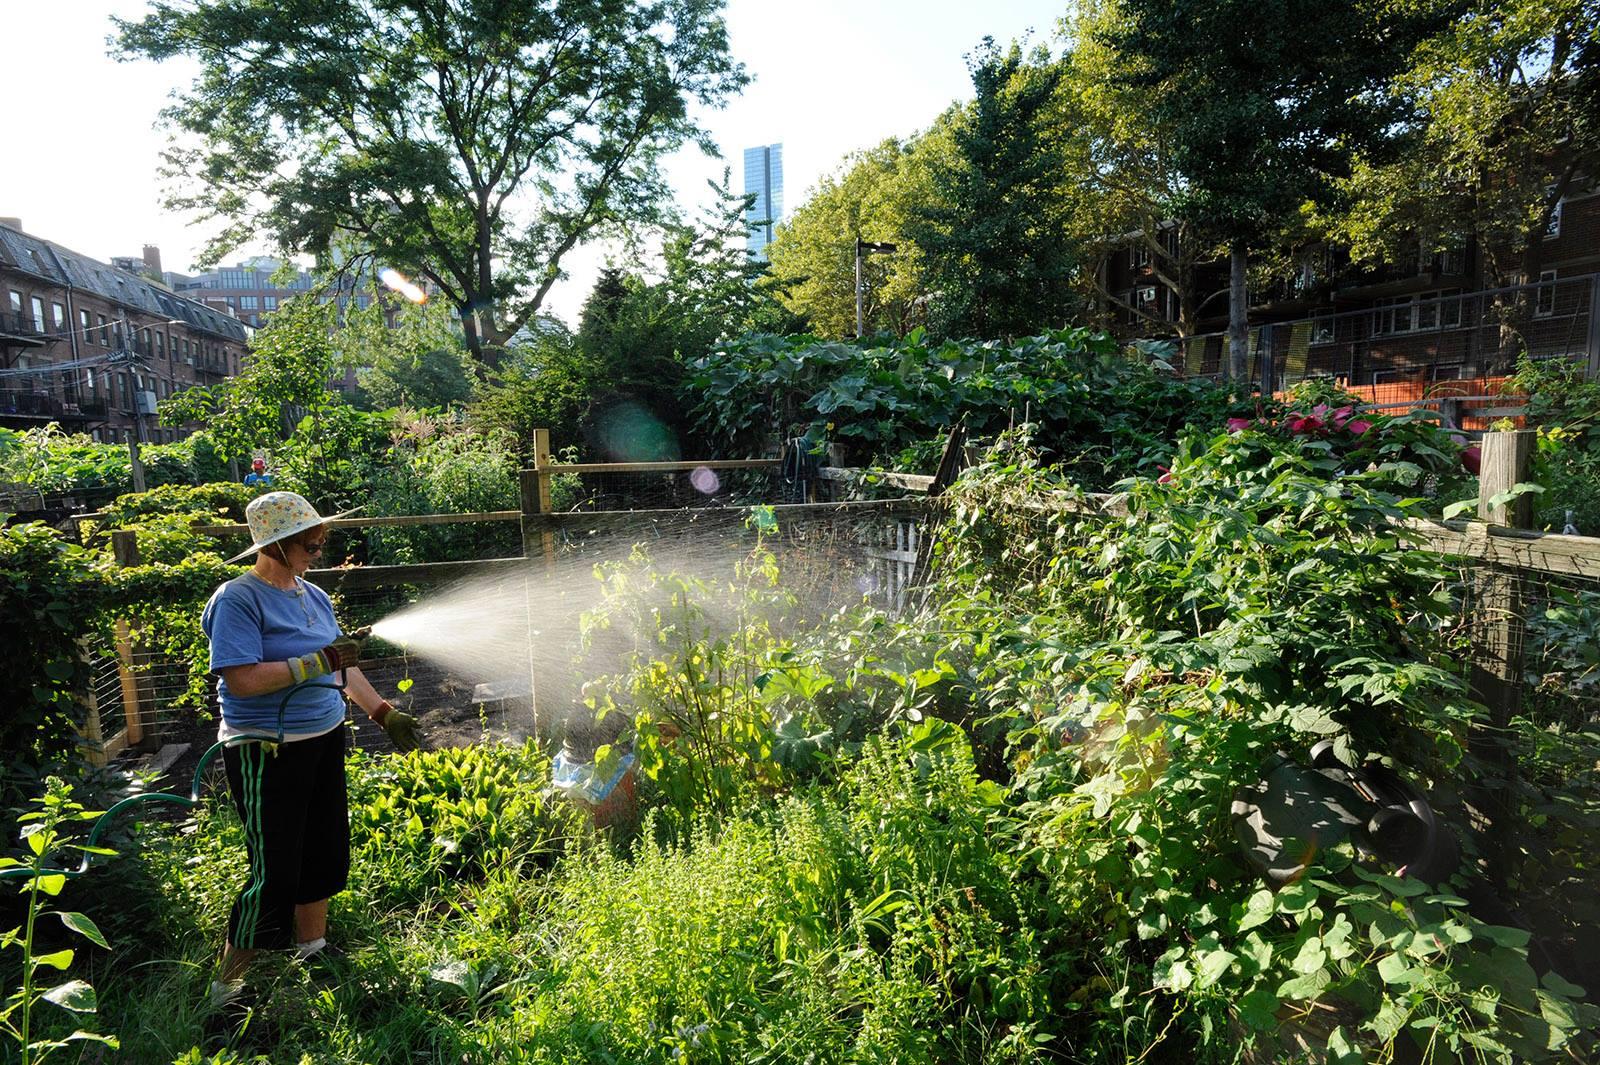 Women watering garden